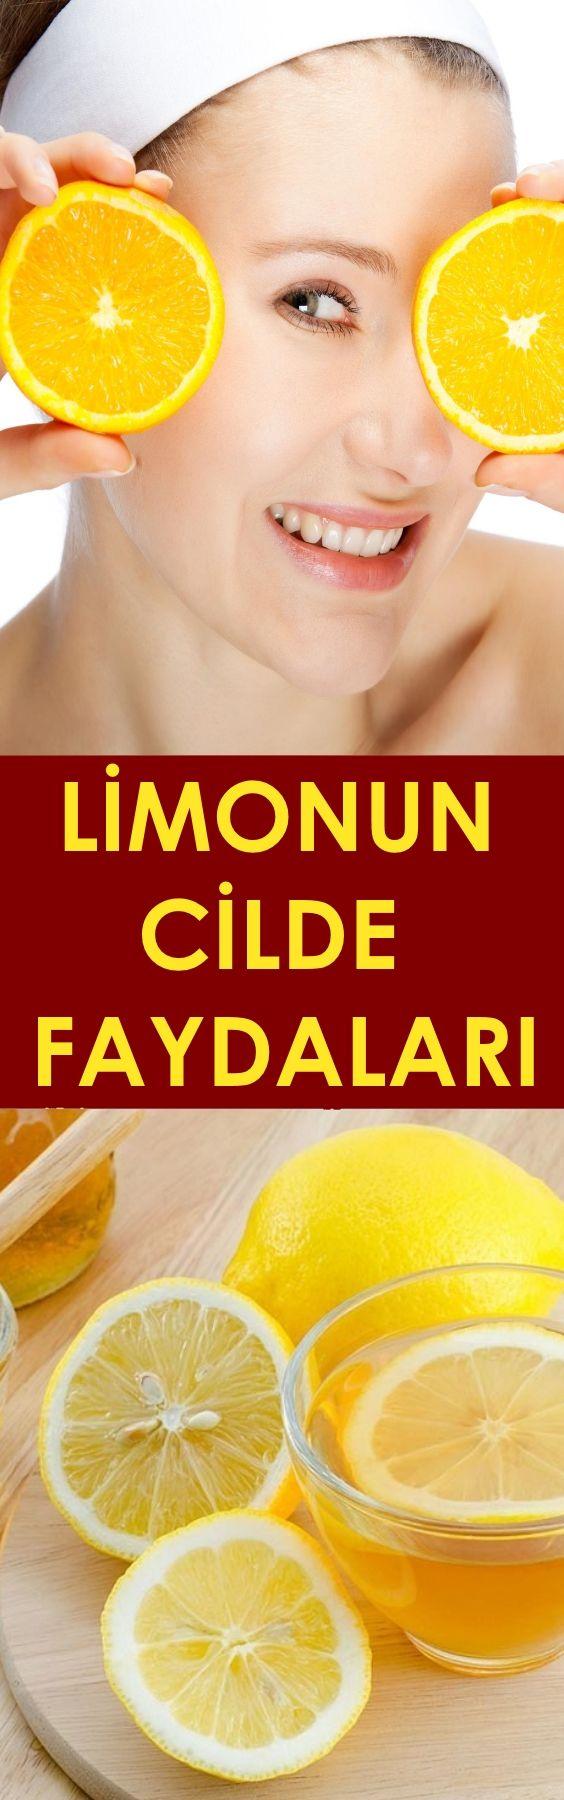 LİMONUN CİLDE FAYDALARI